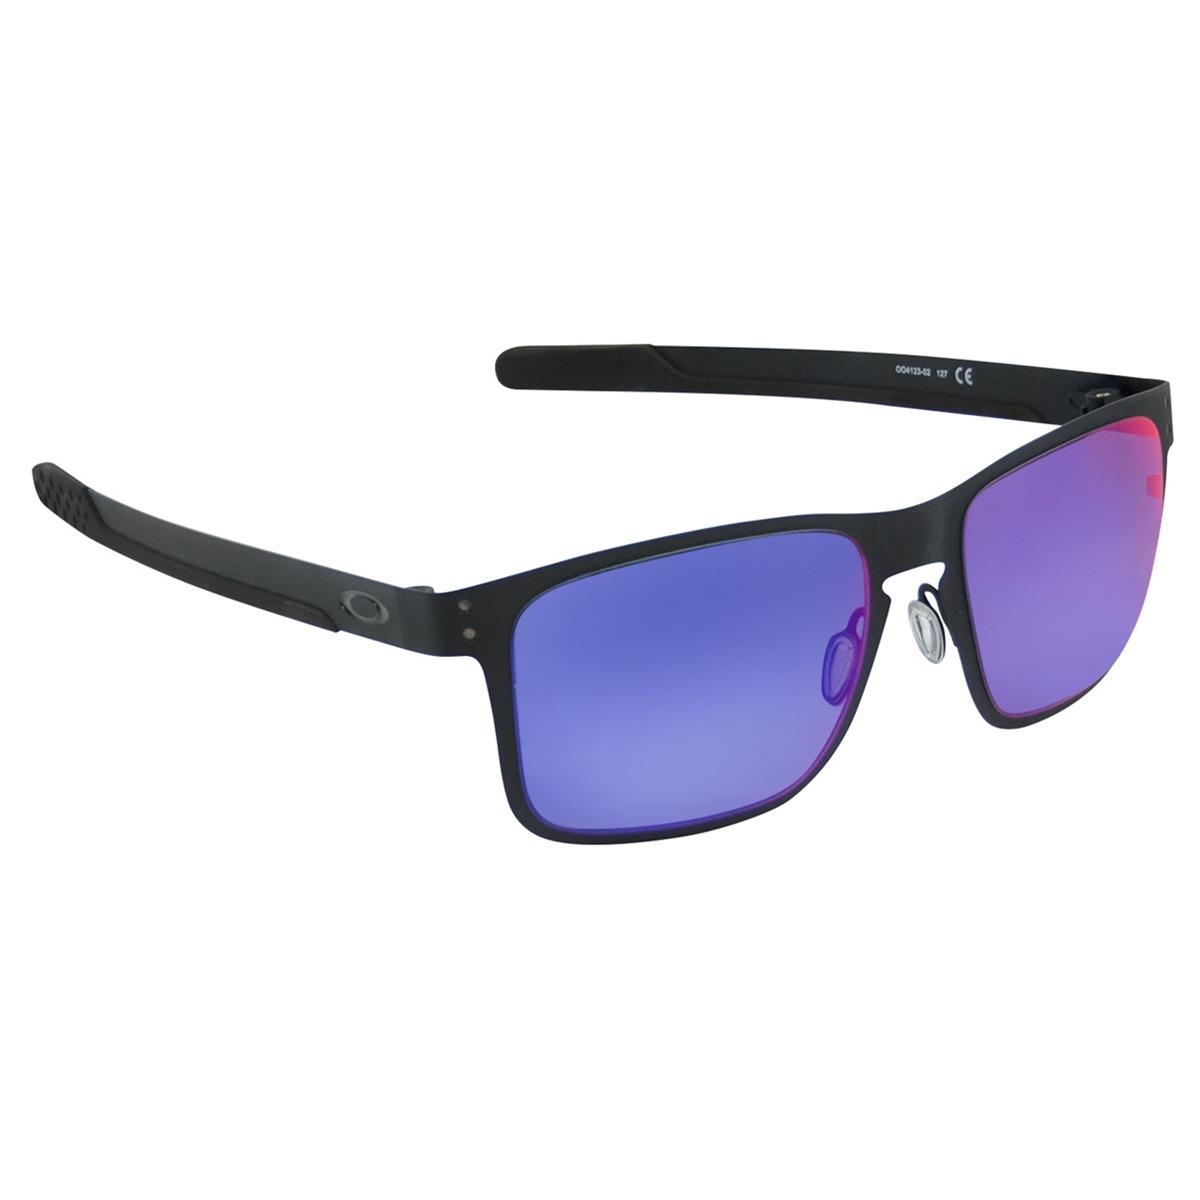 c0144f10fe1f3 óculos oakley holbrook metal fosco espelhado preto. Carregando zoom.